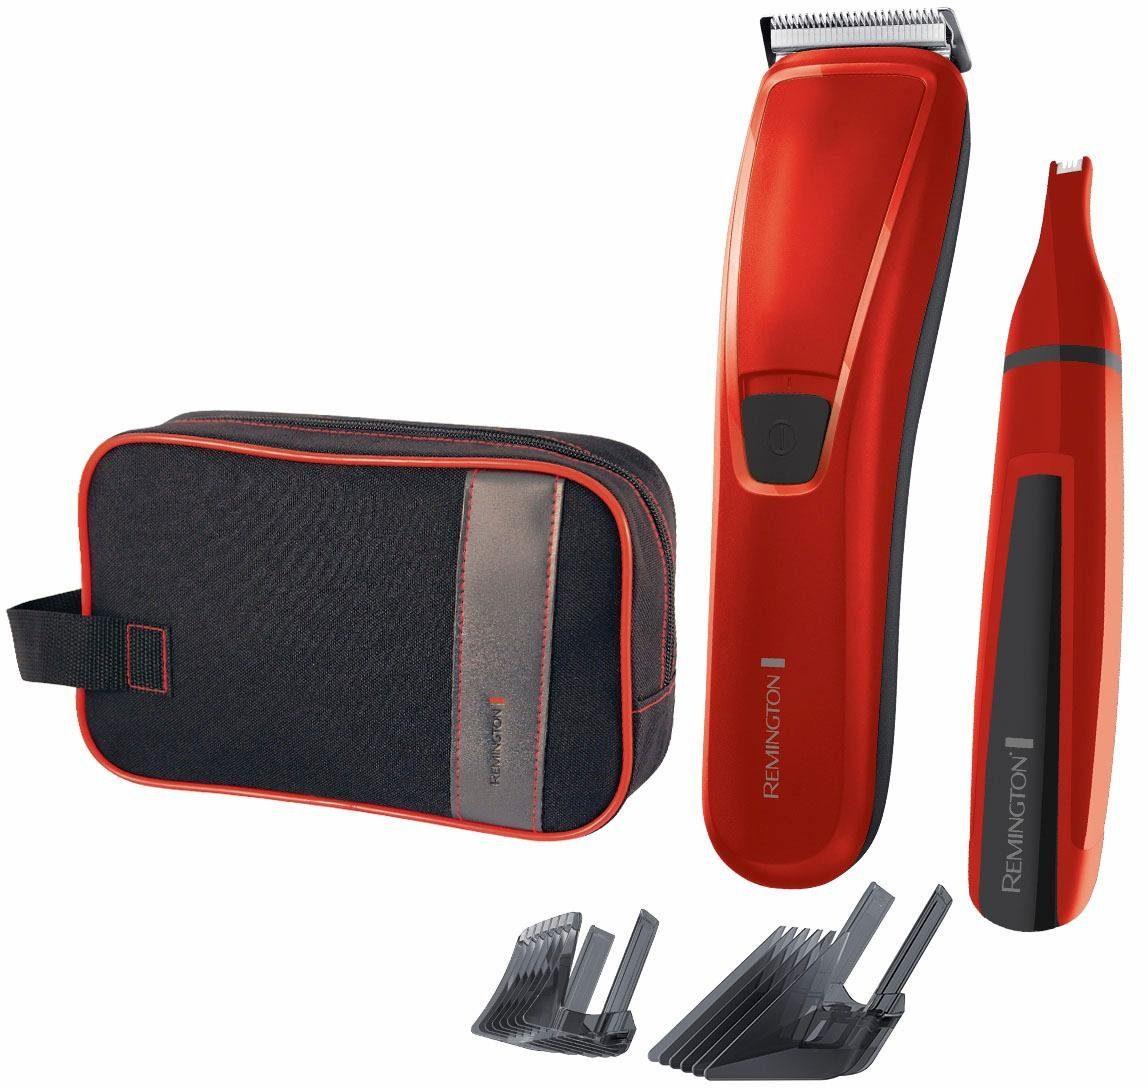 Remington Haarschneider plus Nasen- und Ohrenhaarschneider HC5302, Geschenkset